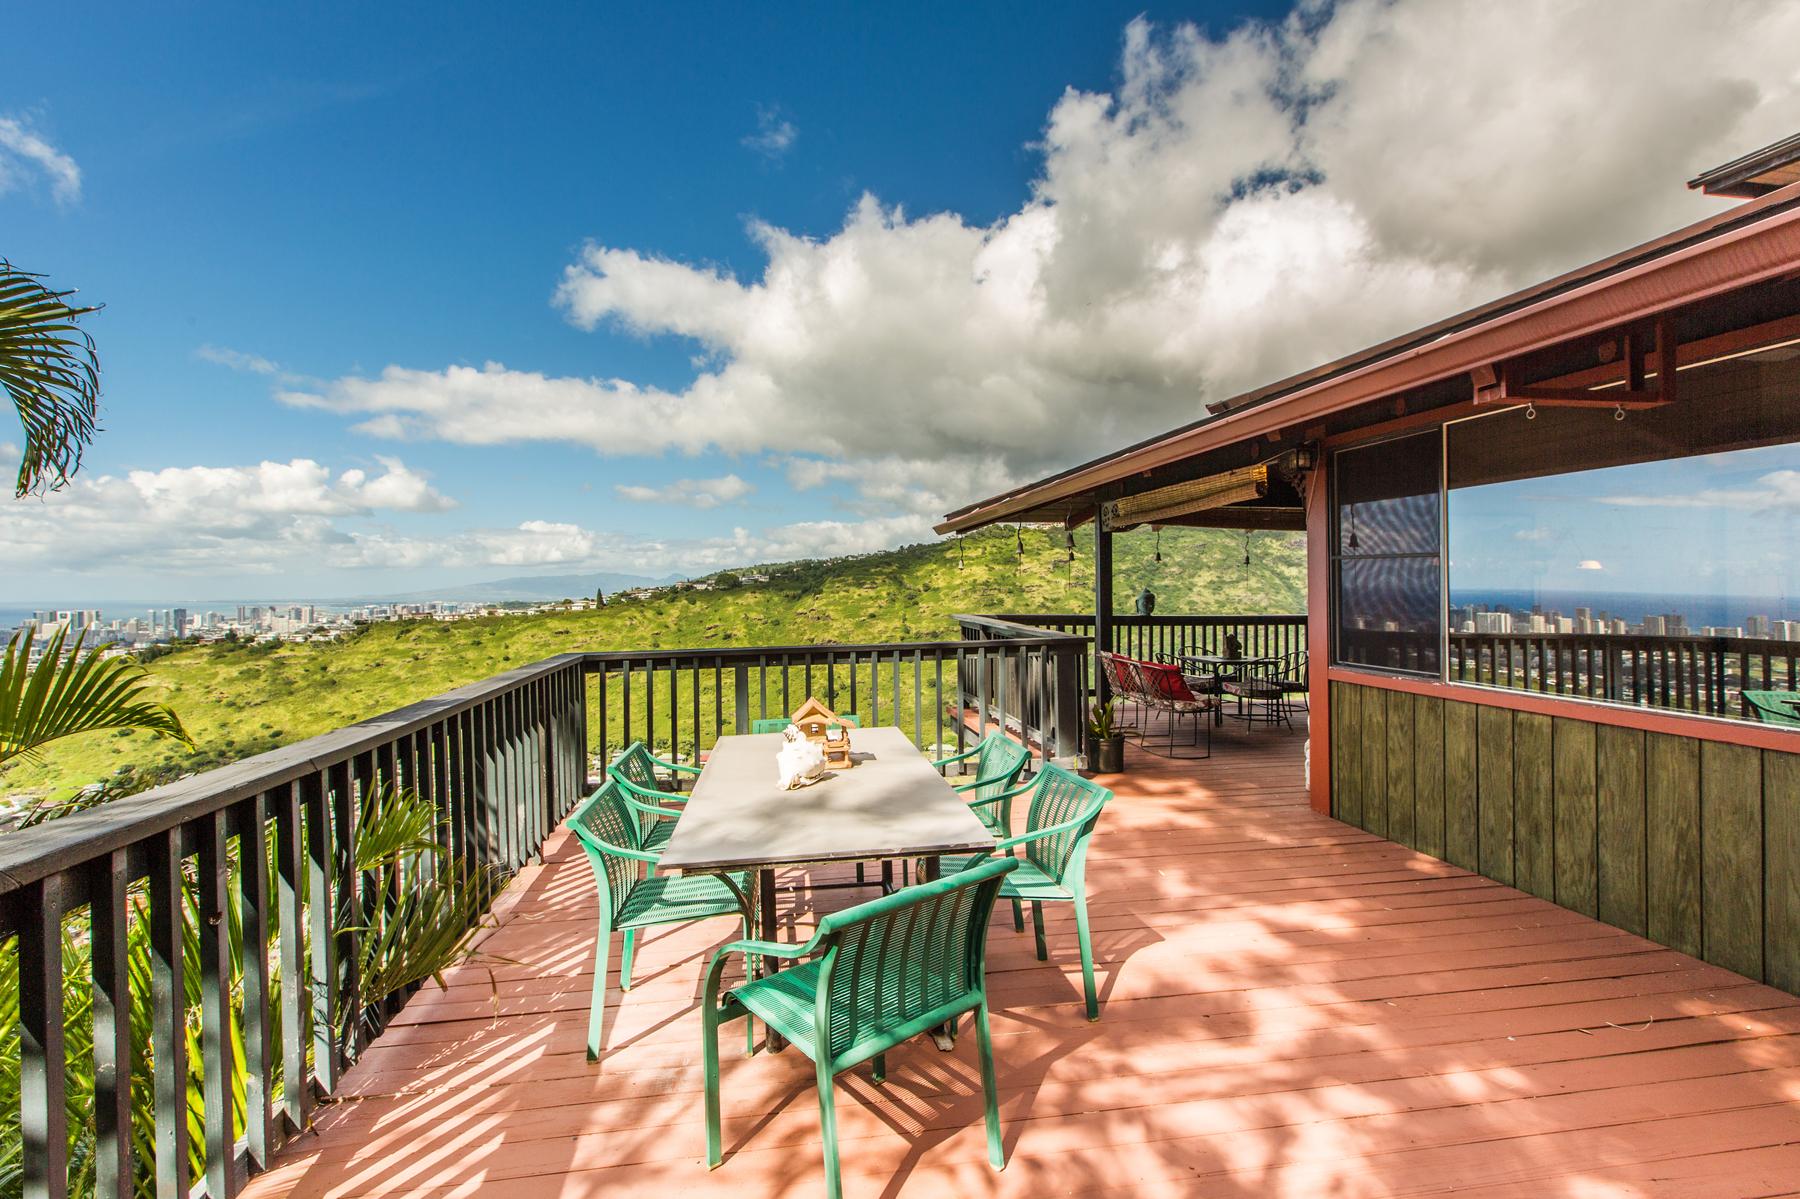 Casa Unifamiliar por un Venta en Mountainside Comfort 3627 Nihipali Place Honolulu, Hawaii 96816 Estados Unidos